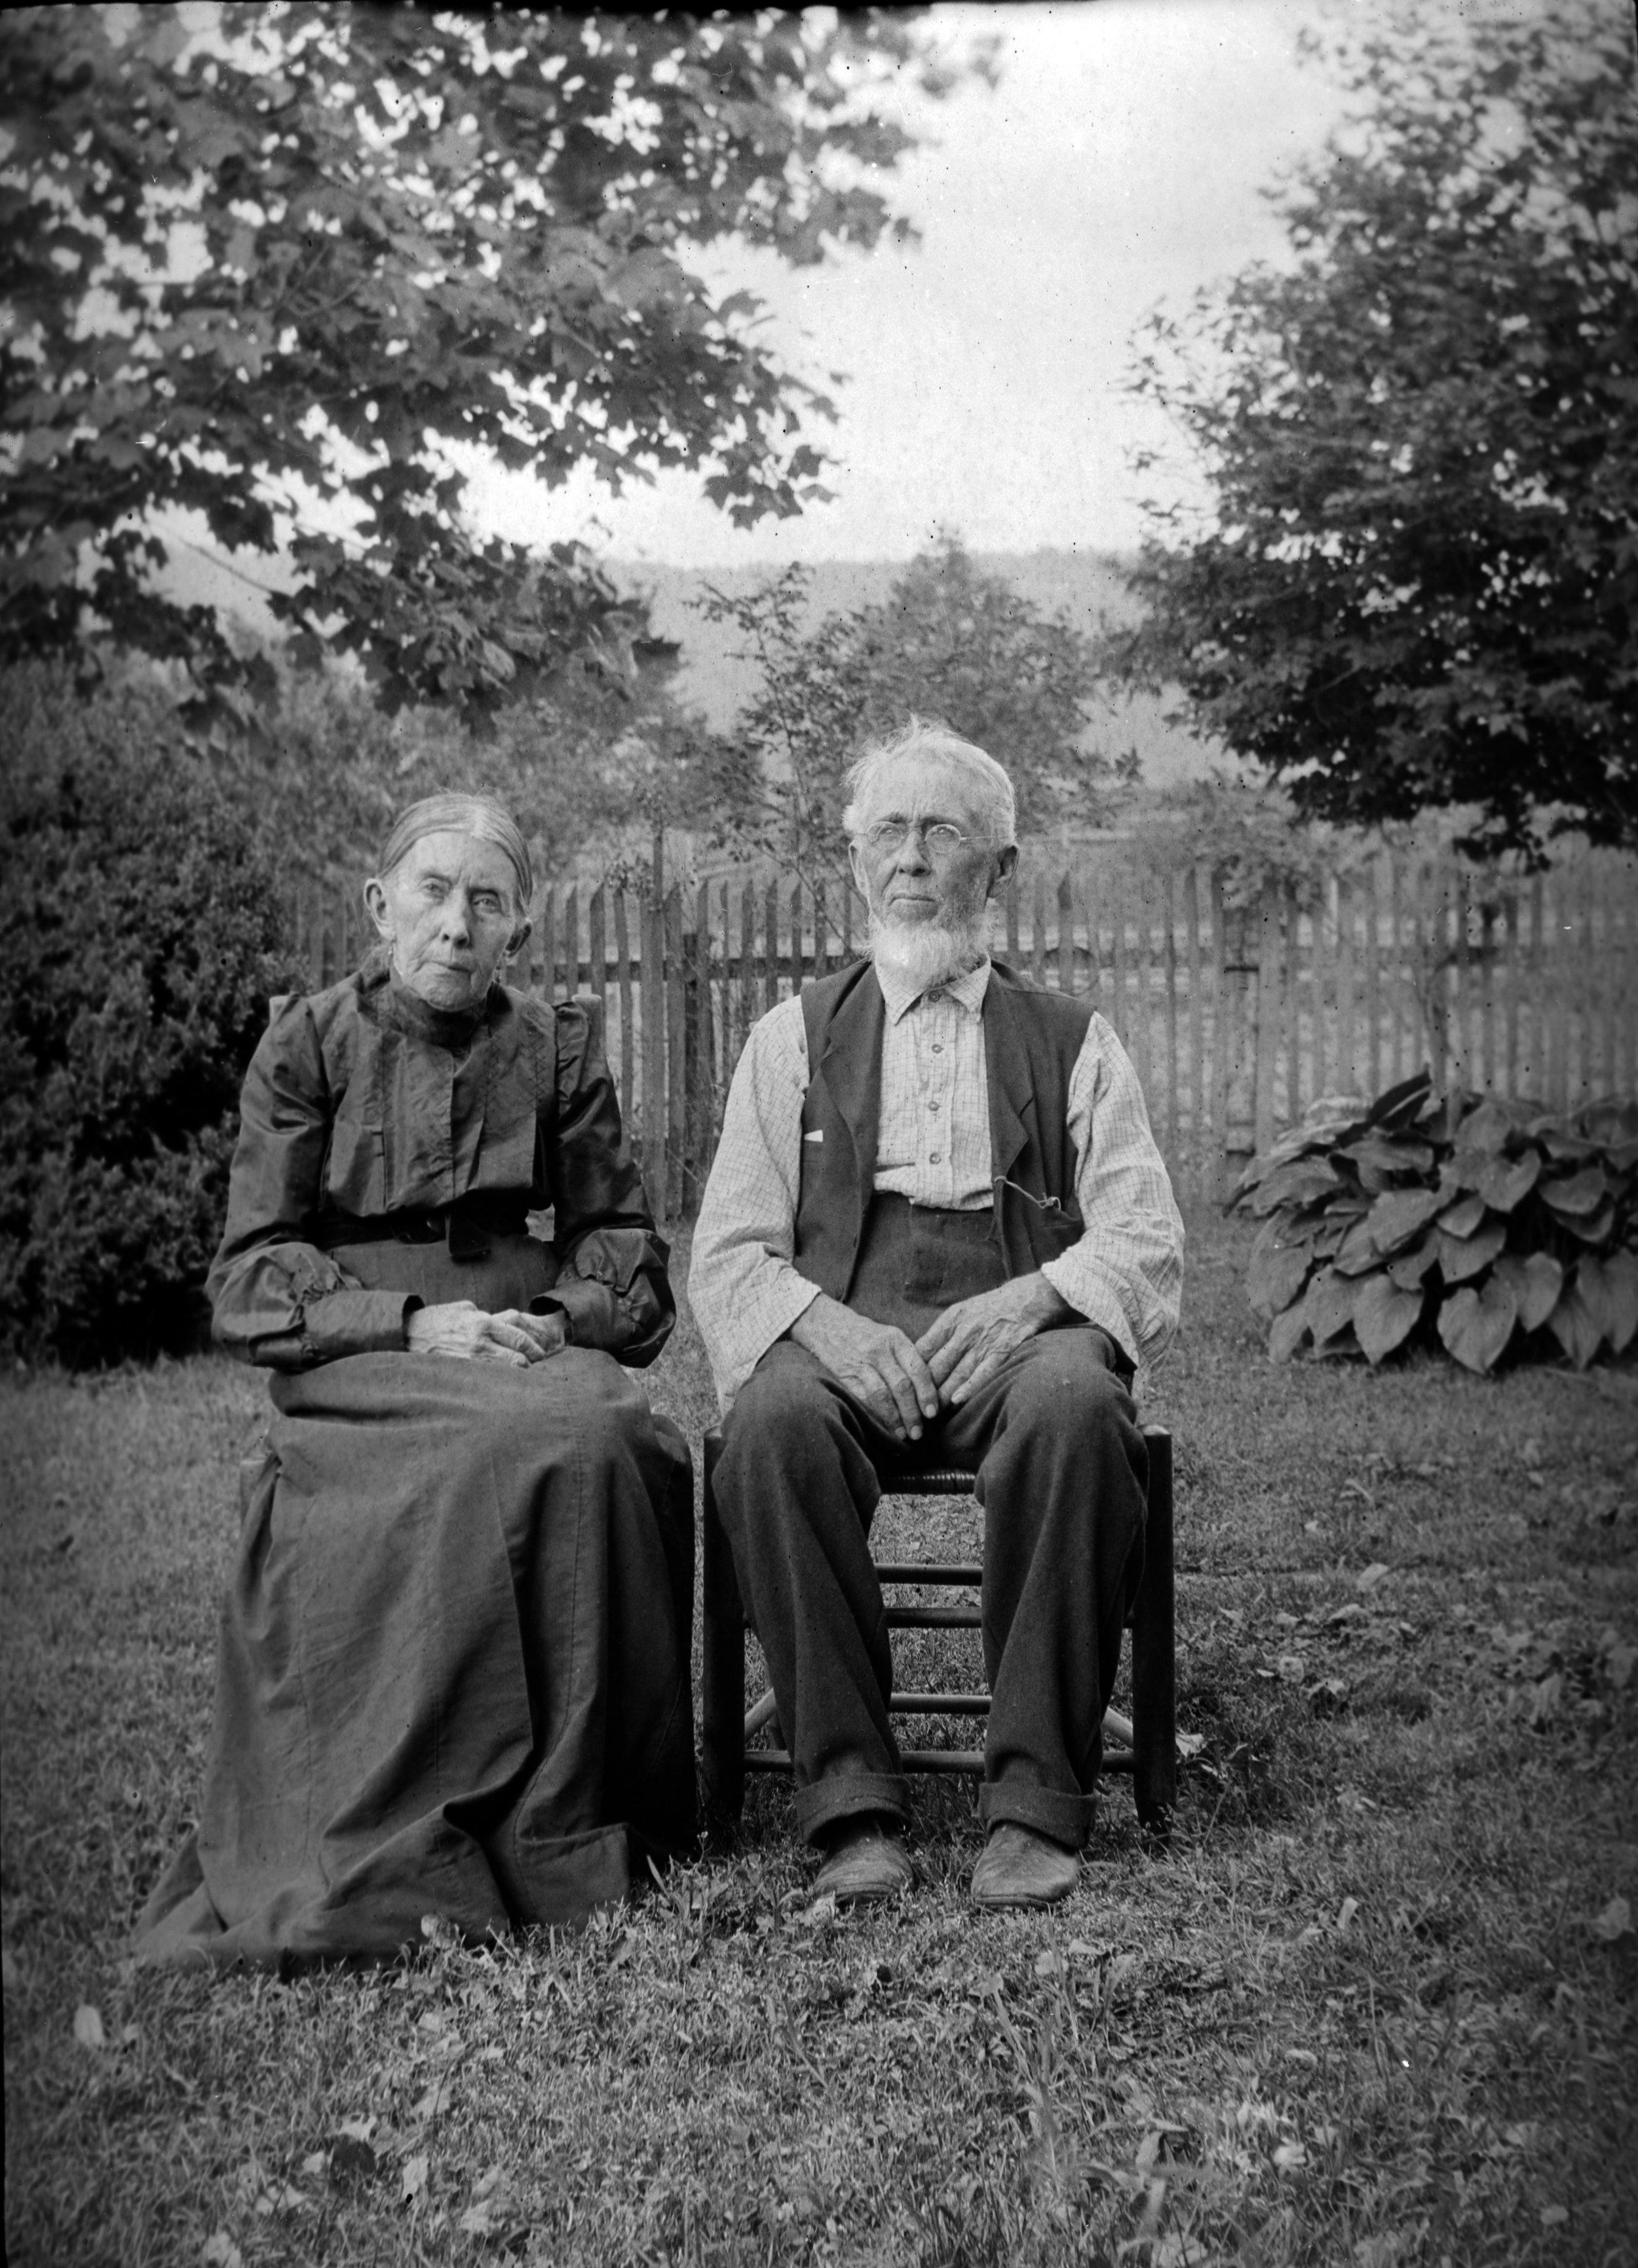 Alexander & Mary Josephine Ketner